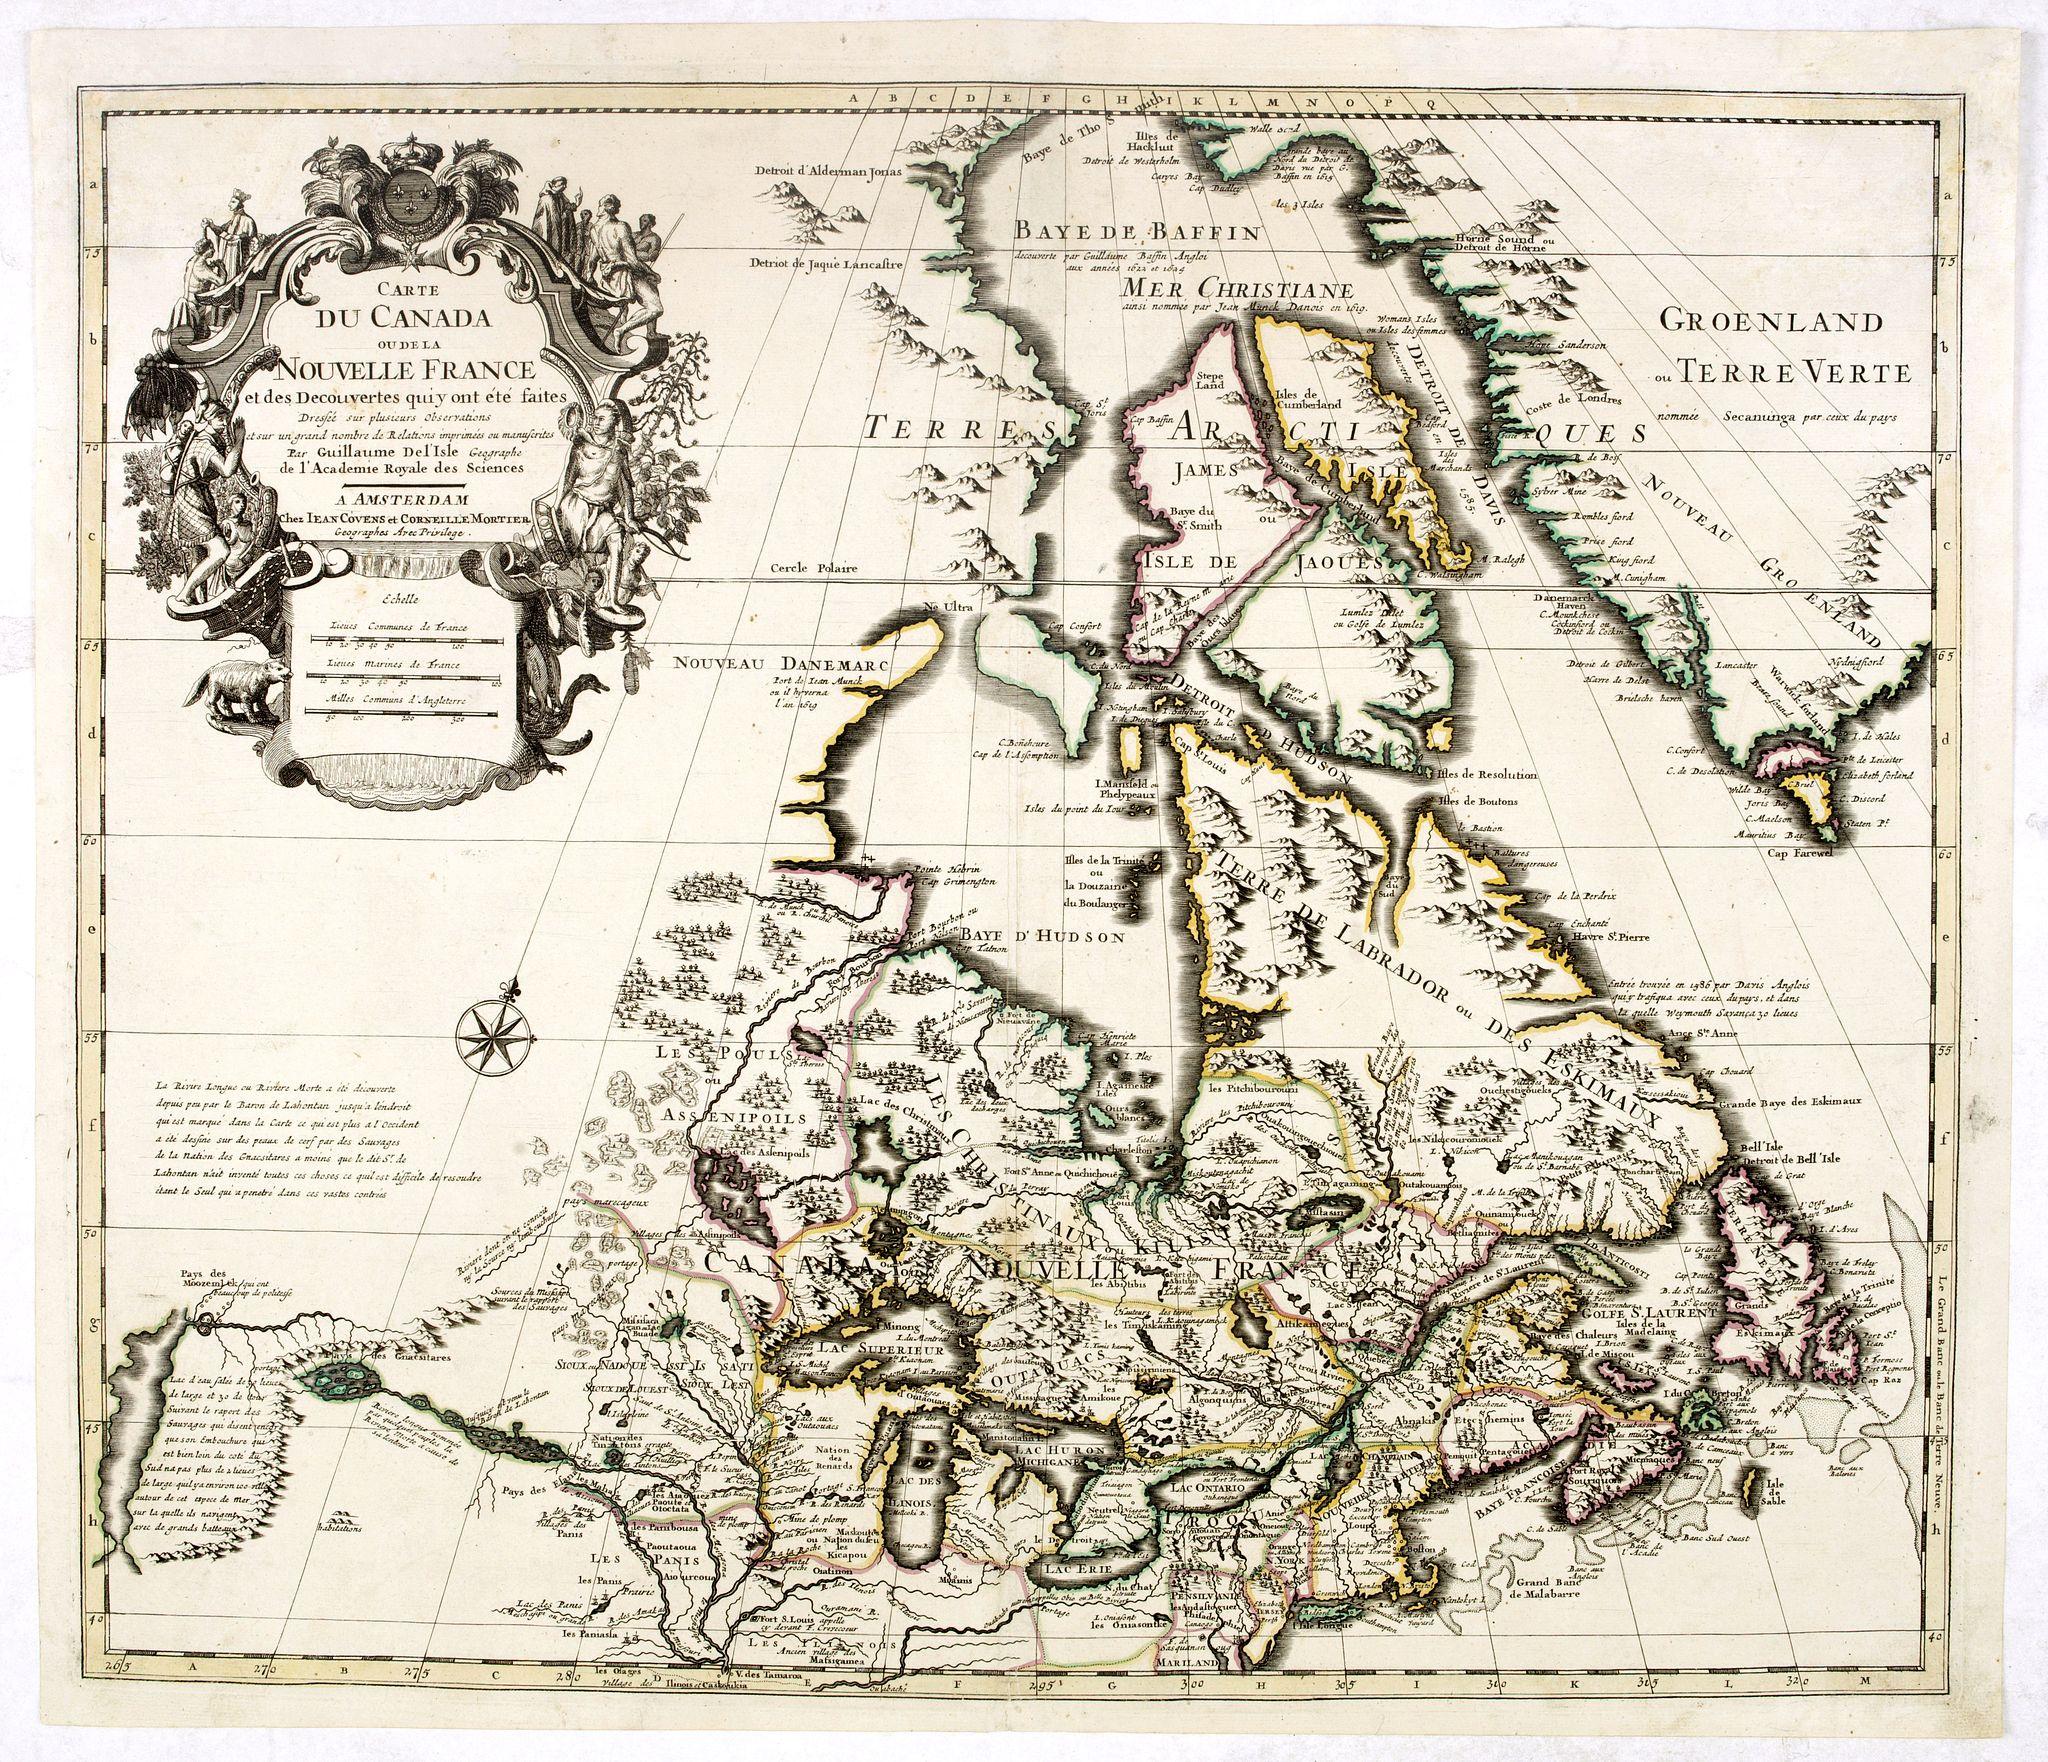 COVENS, J. / MORTIER, C. -  Carte du Canada ou de la Nouvelle France et des Decouvertes qui y ont ete faites..